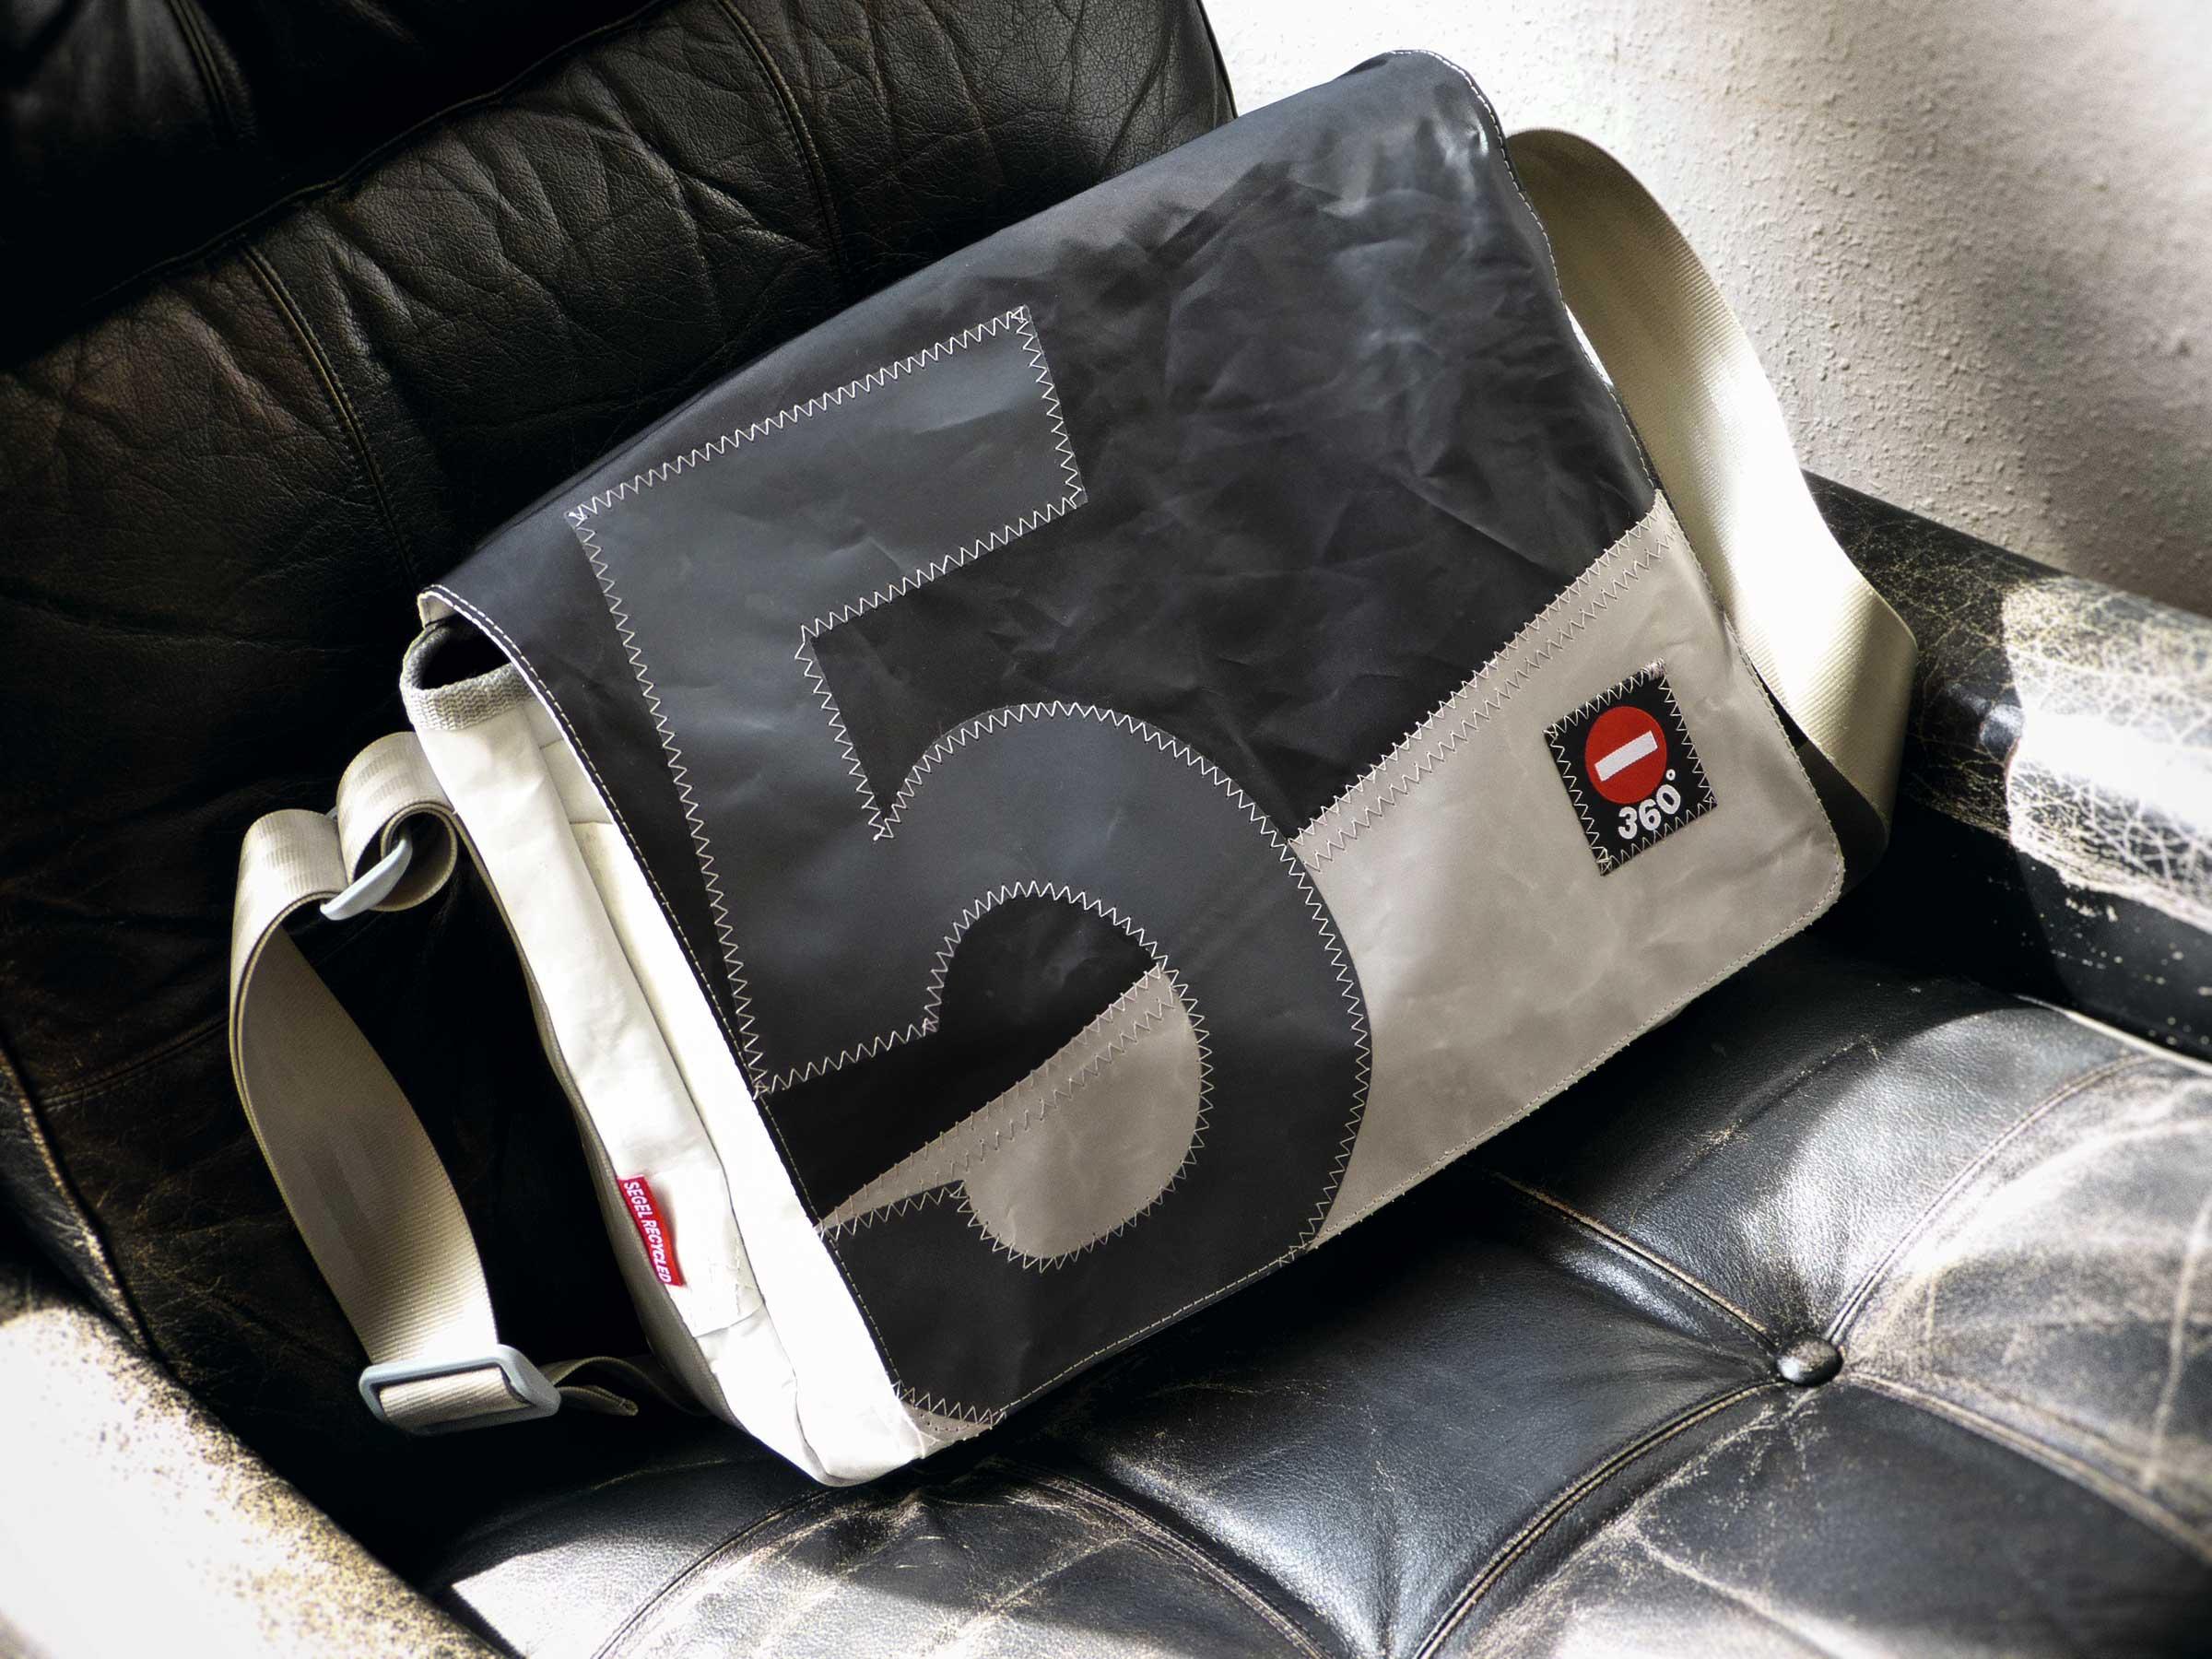 BARKASSE Herren, die Wert auf guten Stil legen, sind mit der Businesstasche aus Segeltuch auf der sicheren Seite. Ab 169,90 Euro